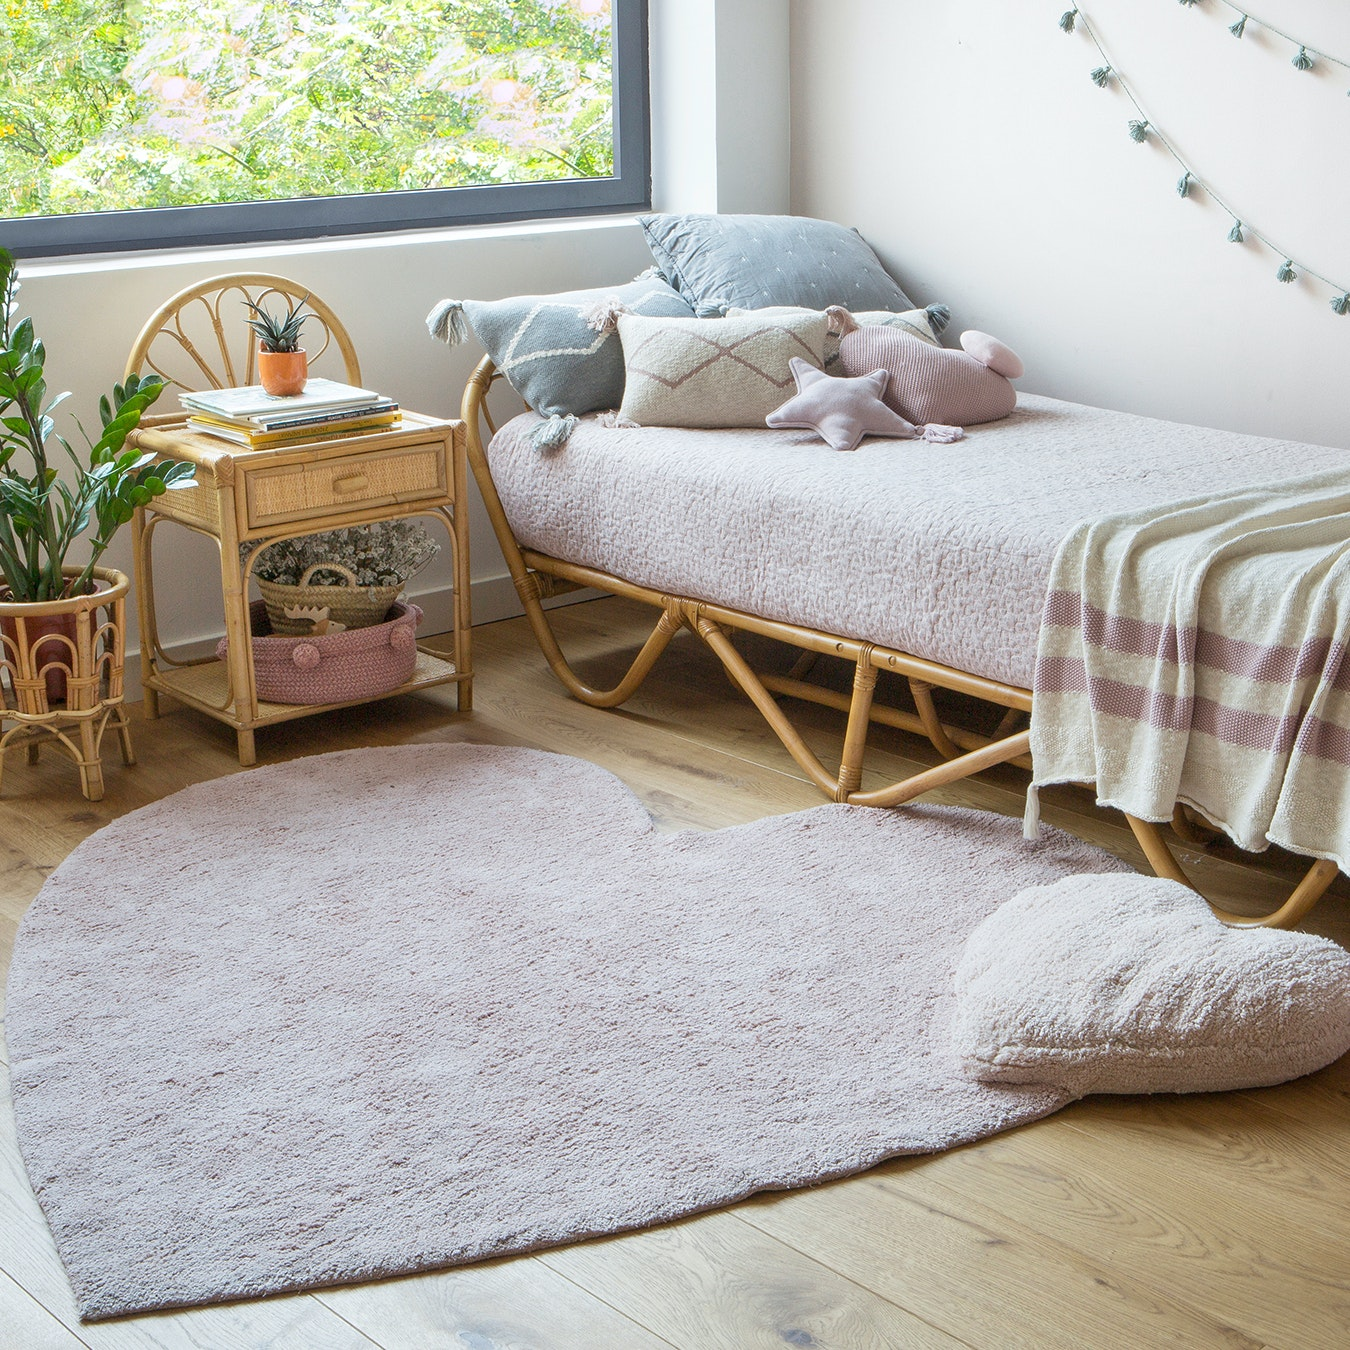 Puffy Love Washable Rug in 2021   Washable rugs, Lorena